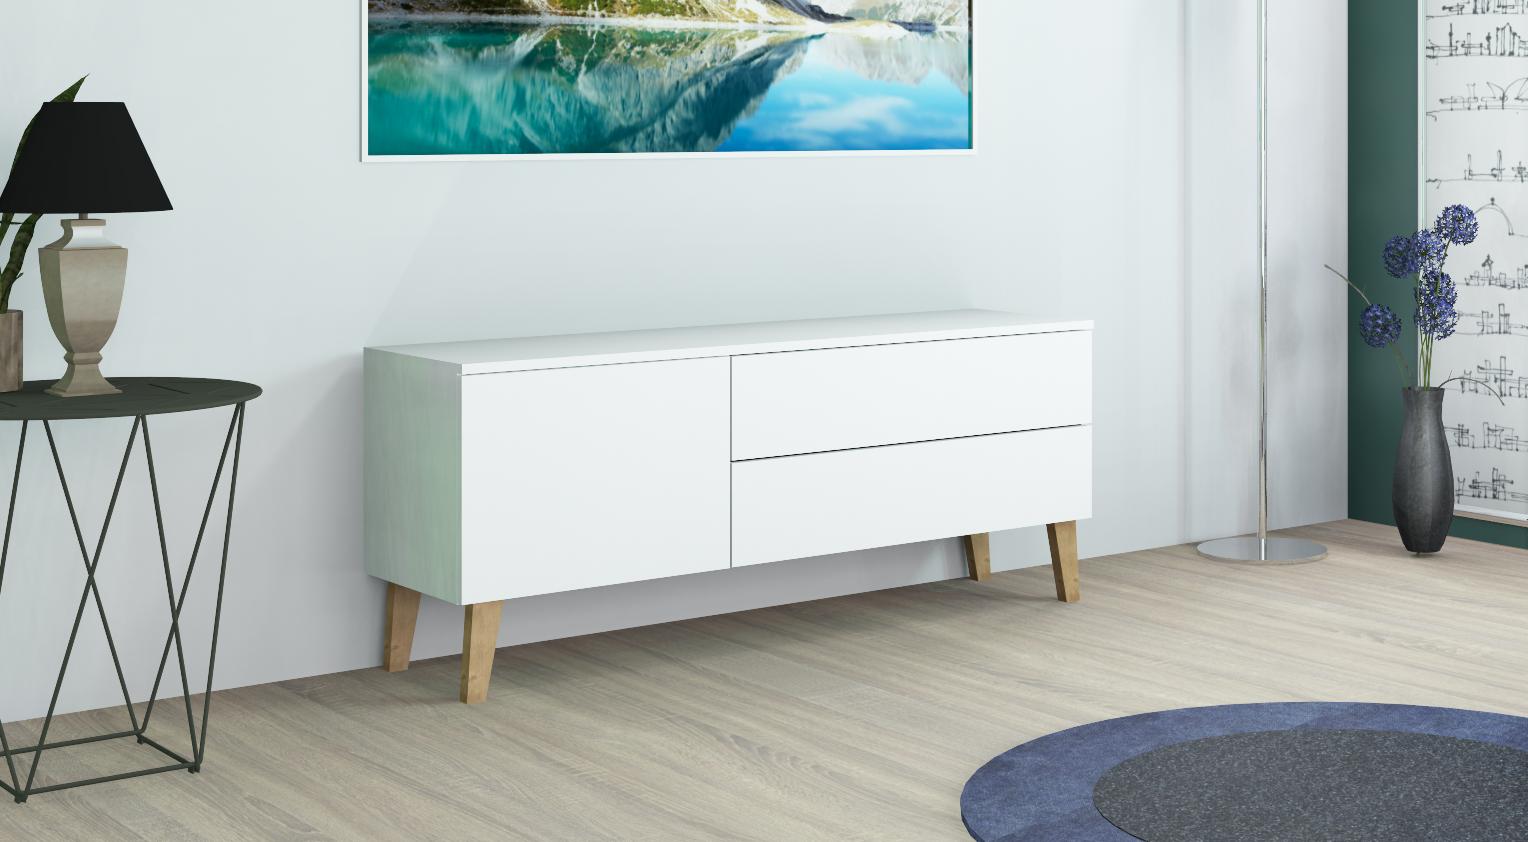 kommode rova dlx 1 sideboard anrichte schubk sten wei hochglanz modern eiche ebay. Black Bedroom Furniture Sets. Home Design Ideas